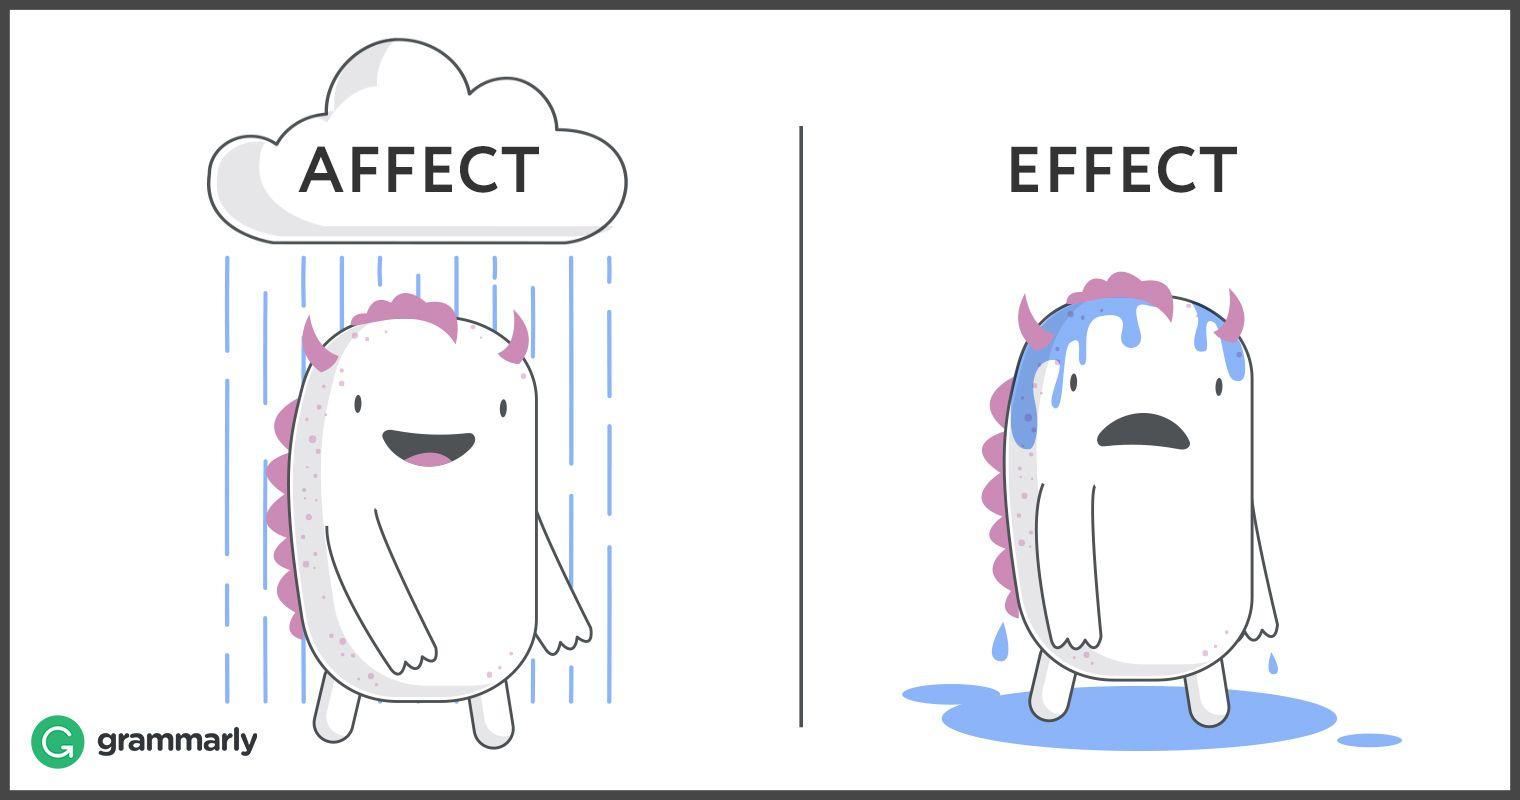 medium resolution of Affect vs. Effect   Grammar nerd